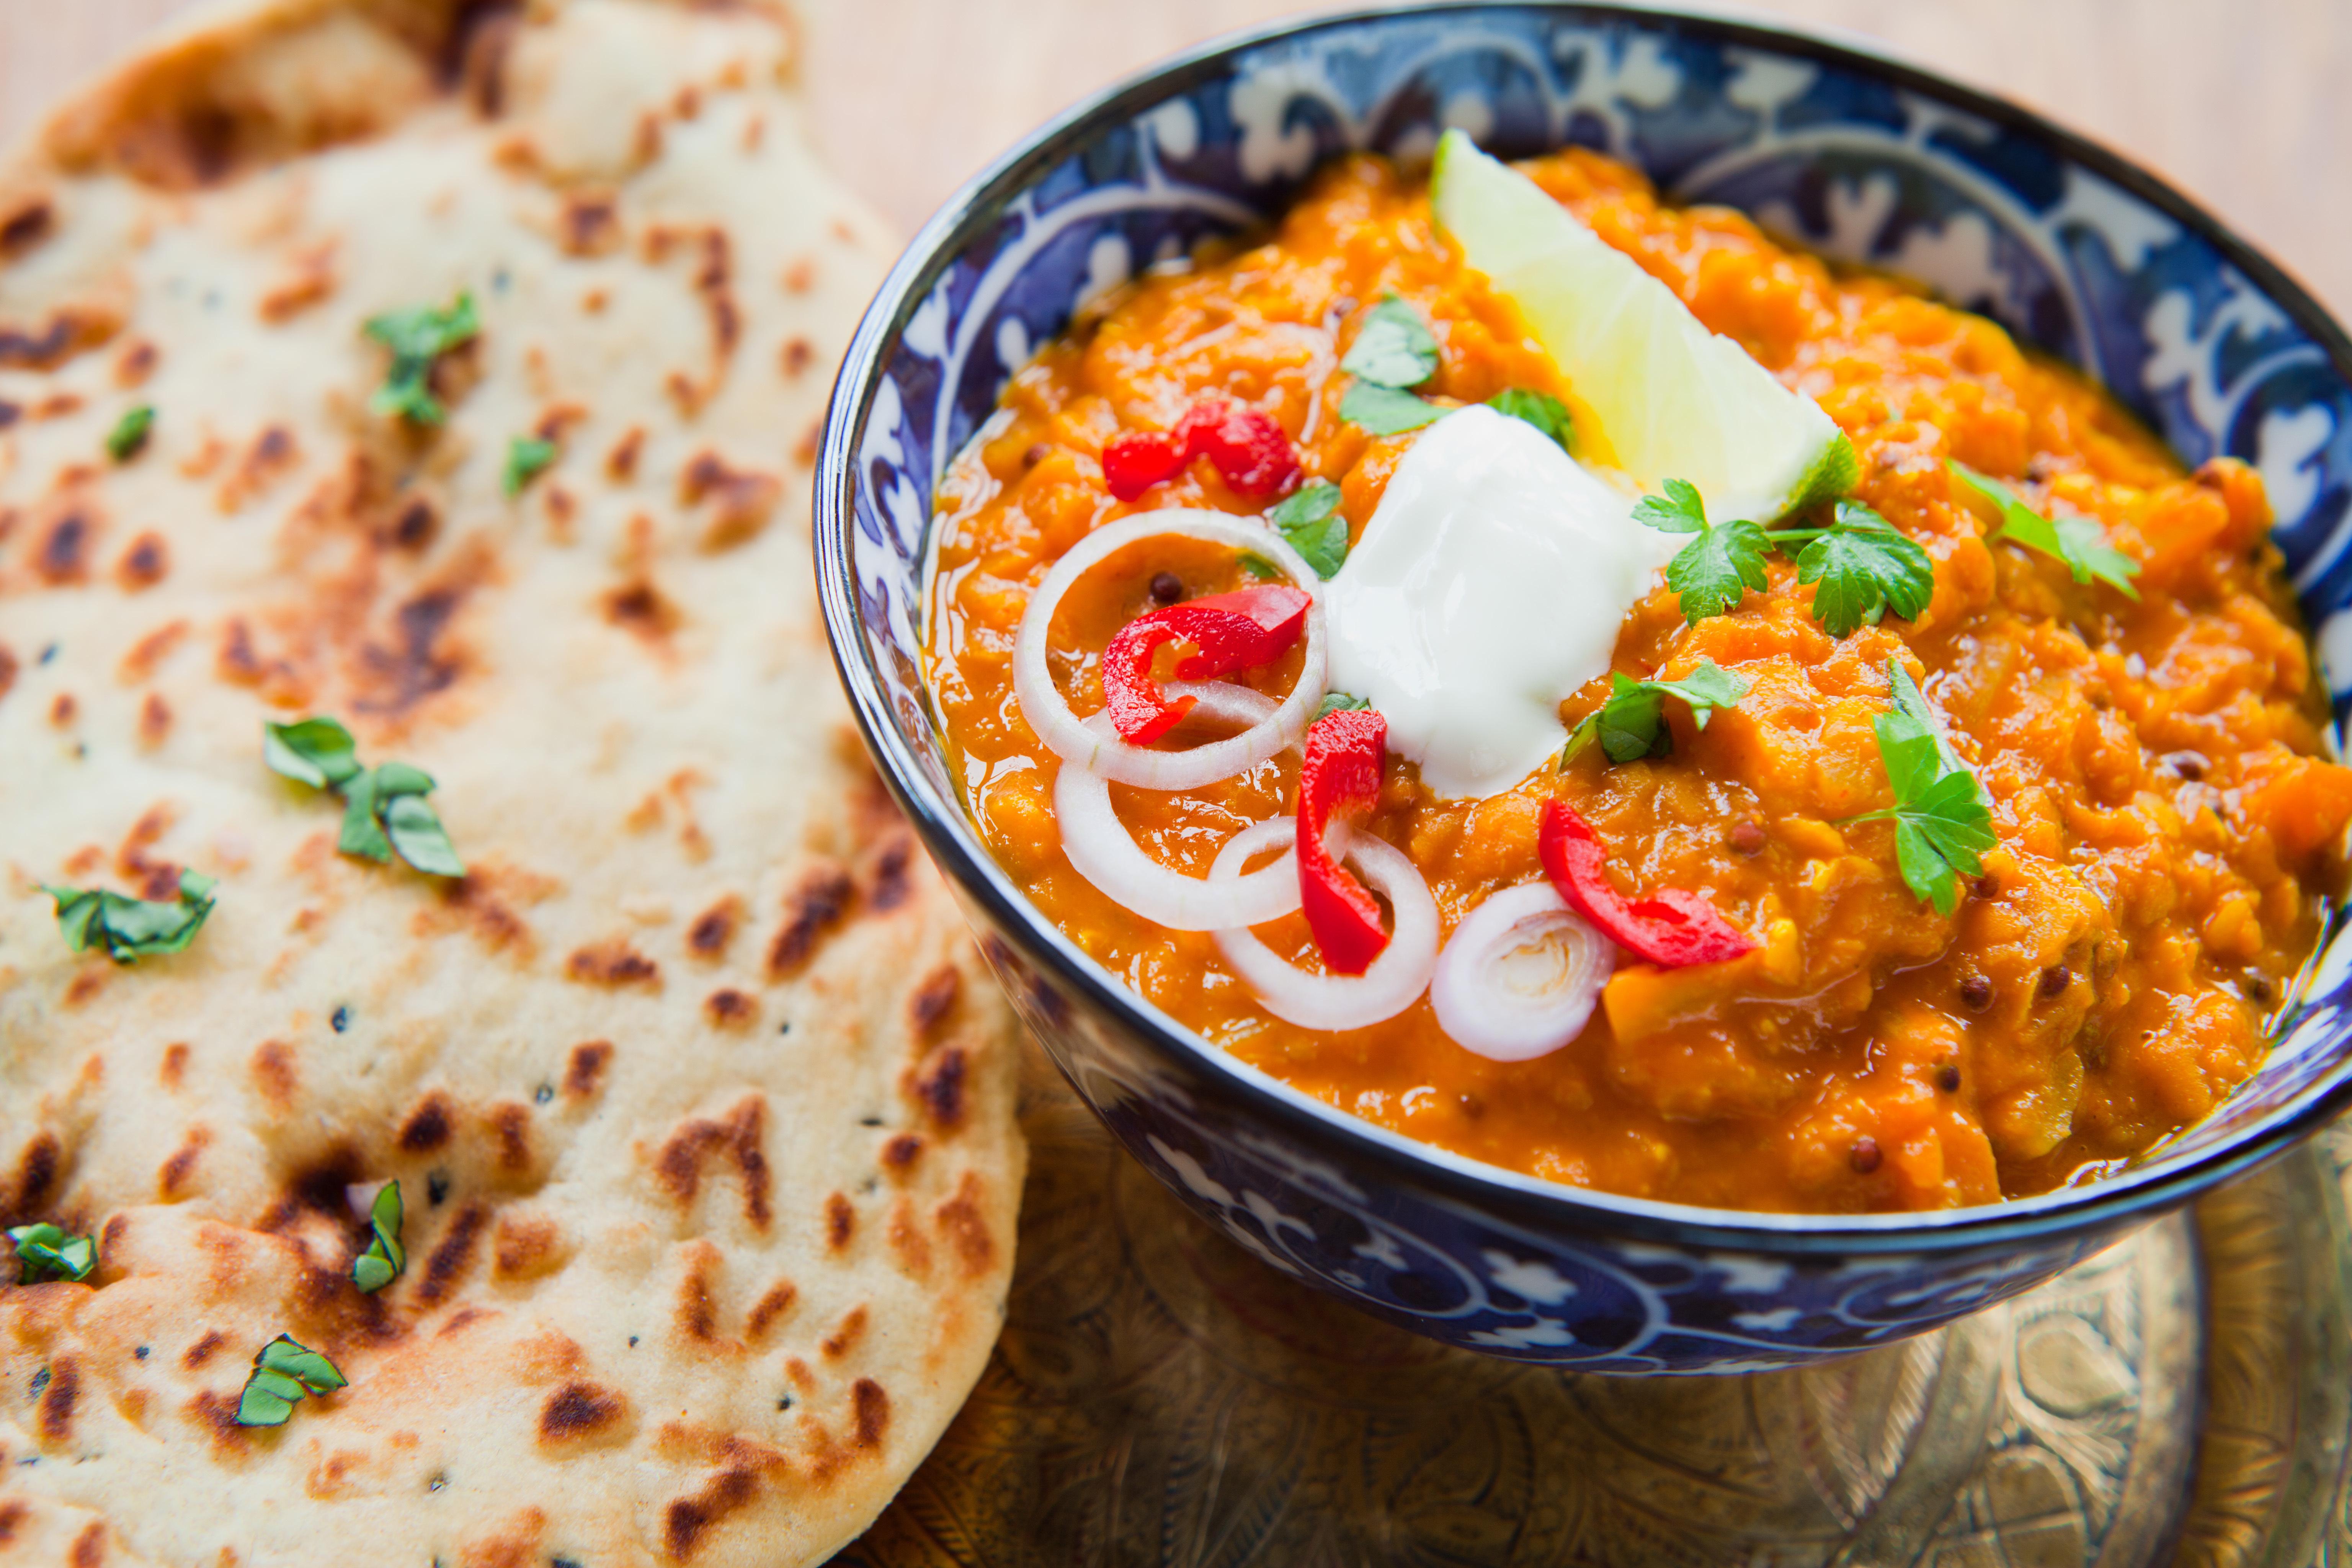 sobors-katalin-kedvence-curry.jpg